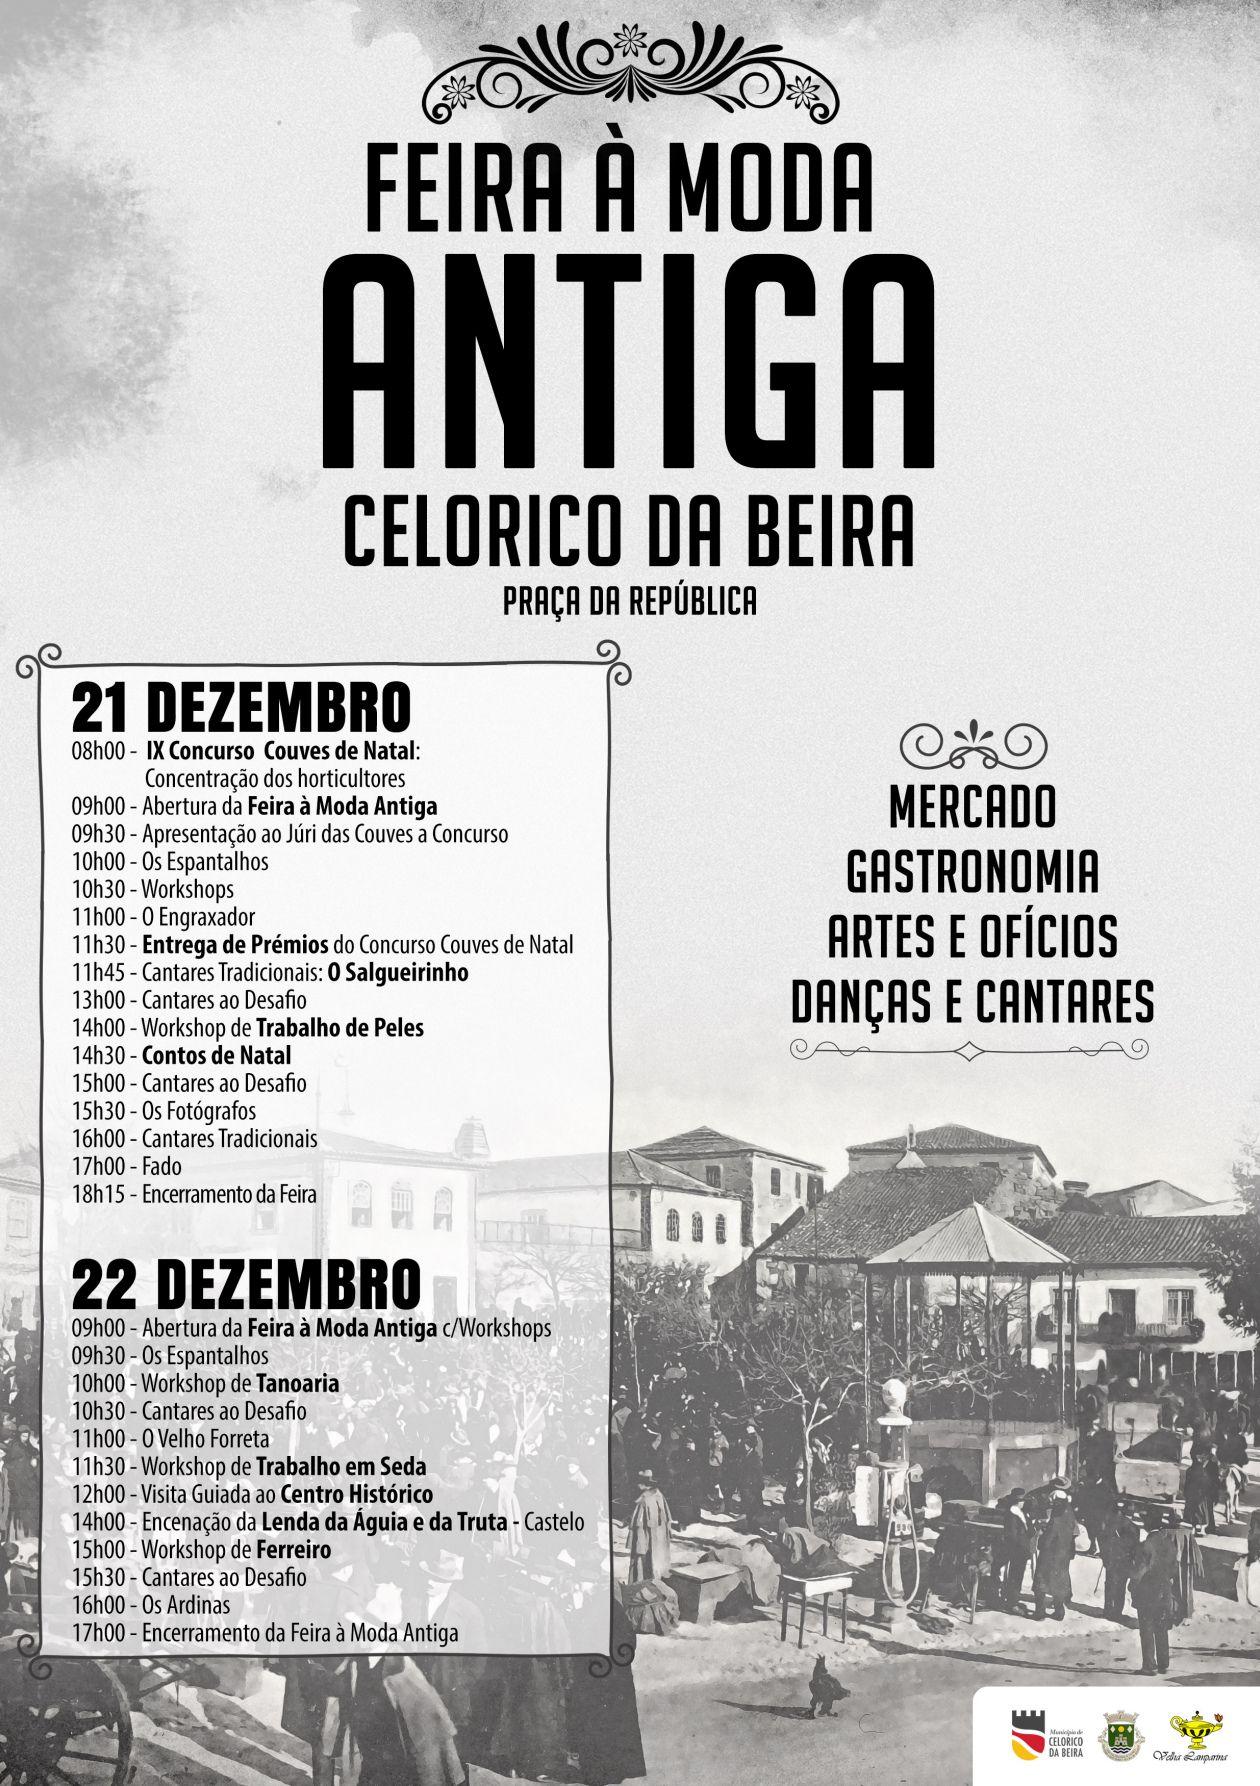 Feira Á Moda Antiga em Celorico da Beira (colaboração)